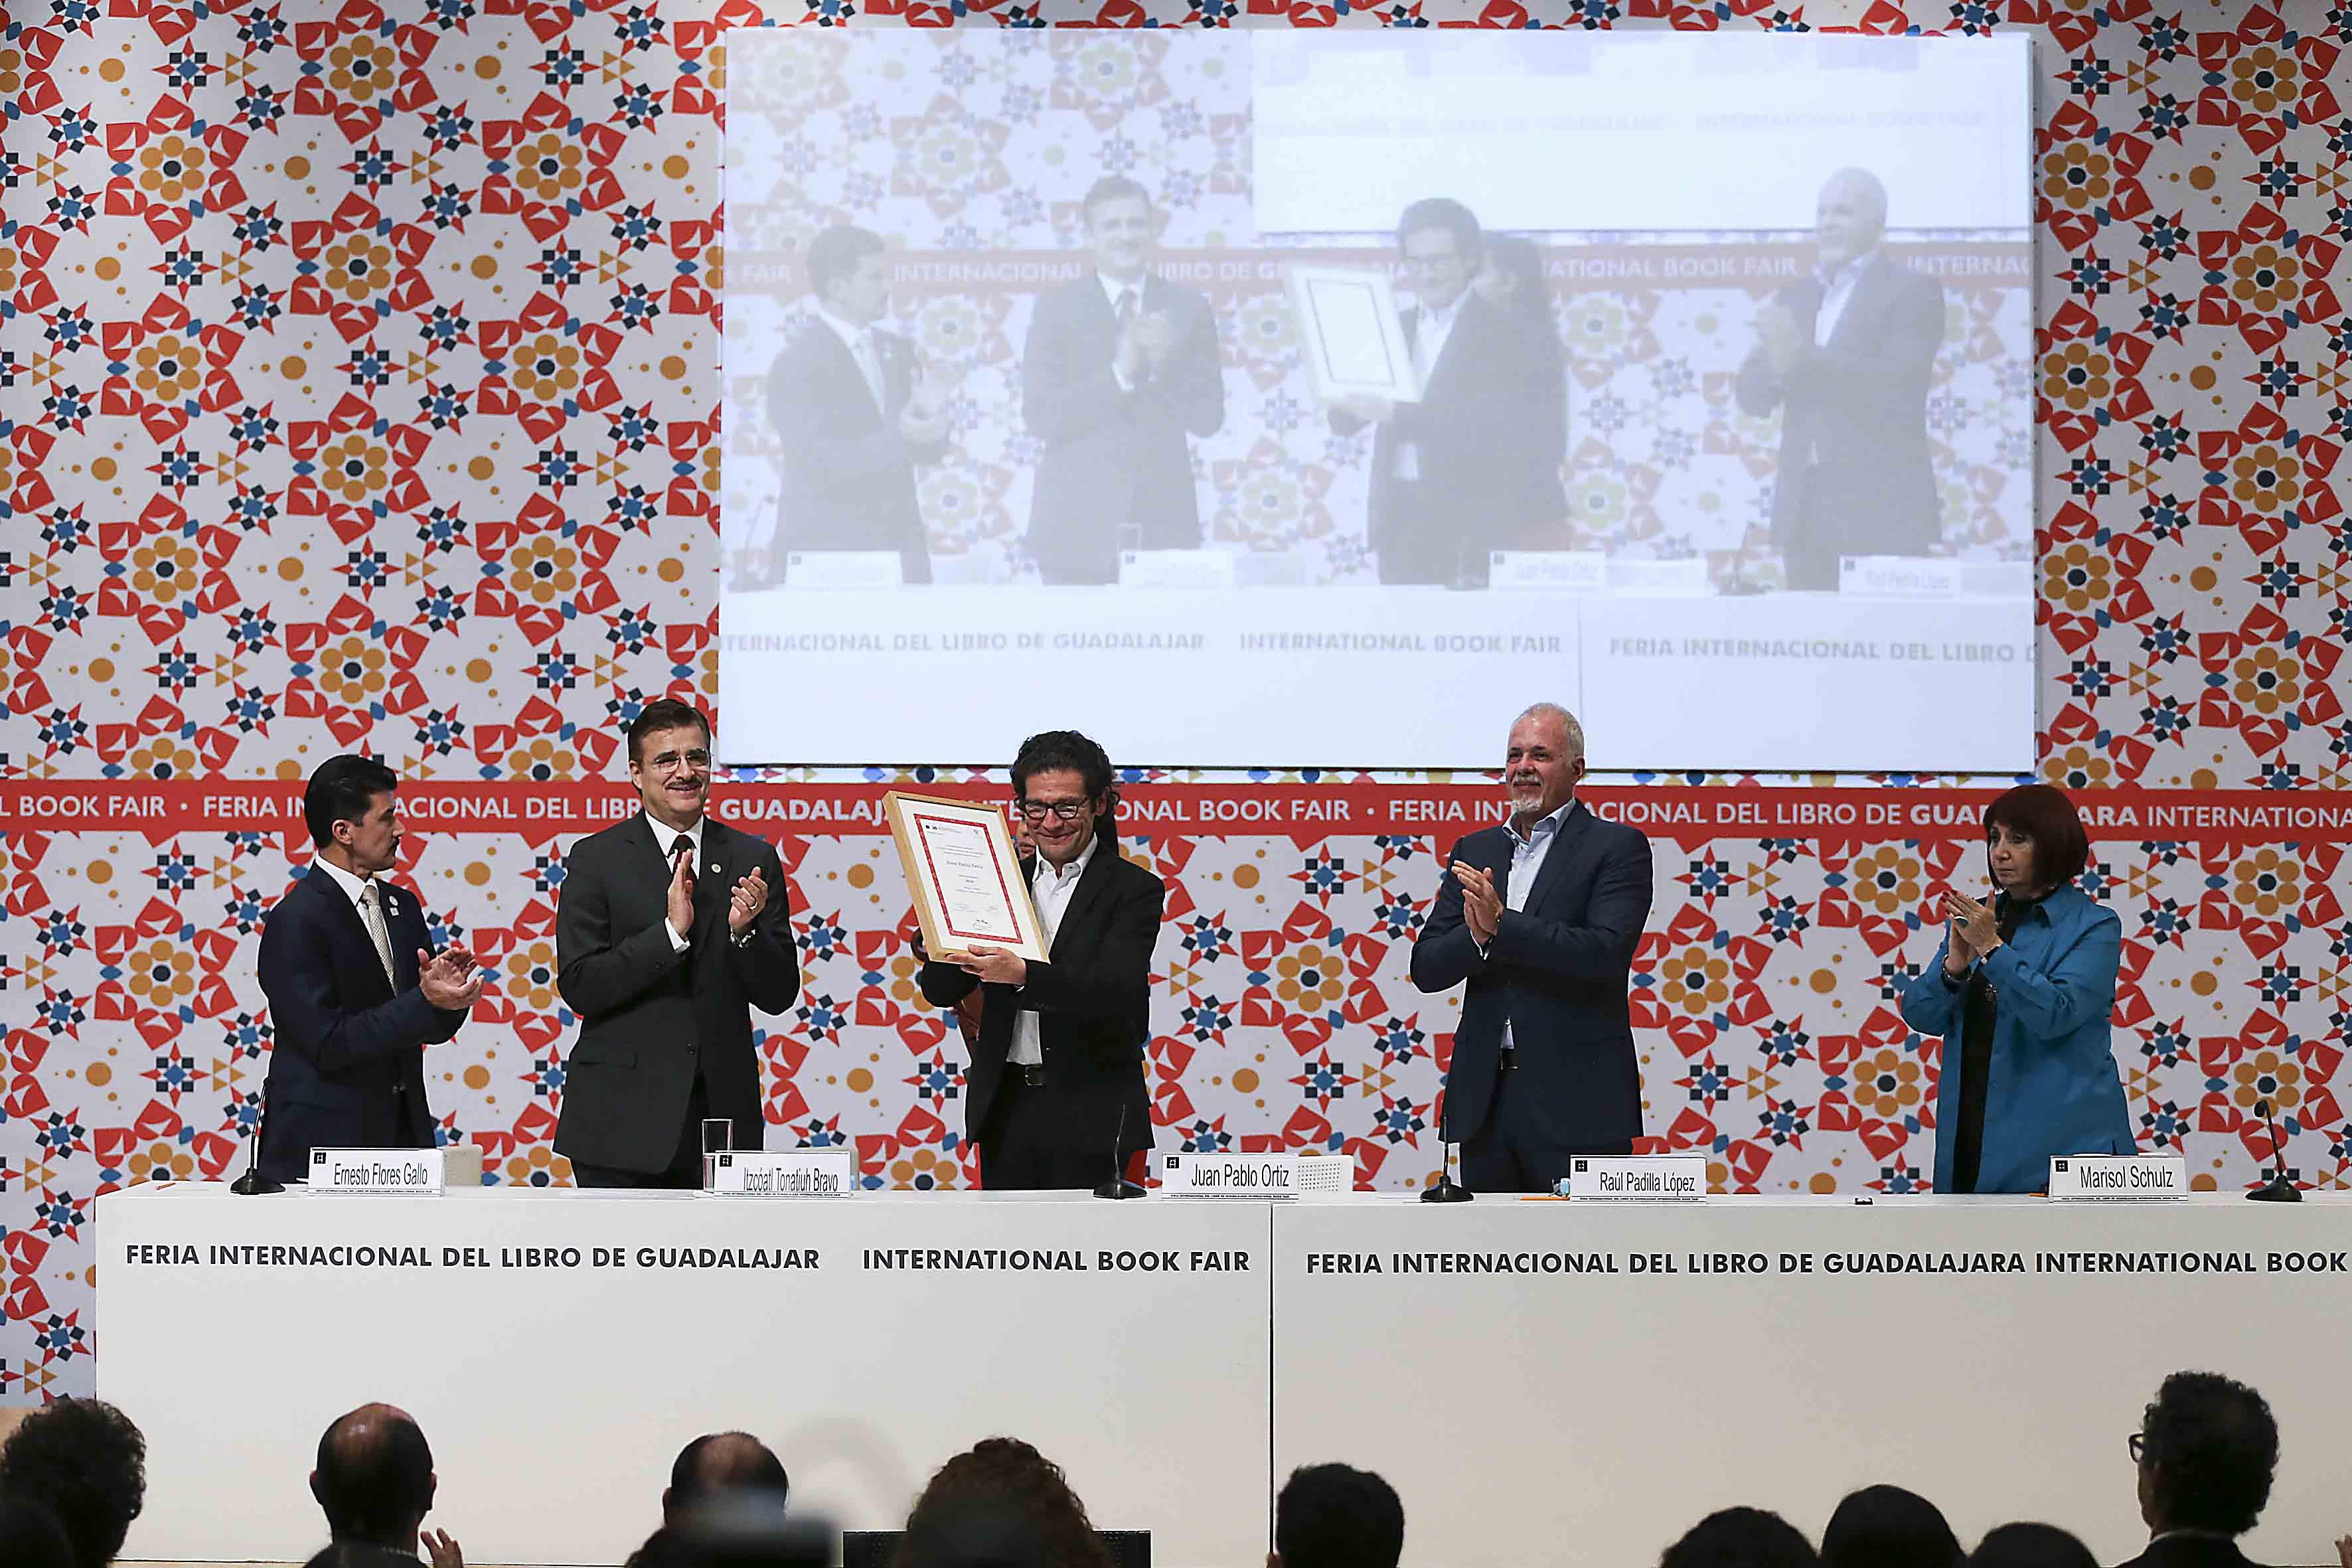 Ceremonia de Homenaje ArpaFIL, para el Arquitecto colombiano Juan Pablo Ortiz, llevado a cabo en el recinto Expo Guadalajara, en el marco de la Feria Internacional del Libro.